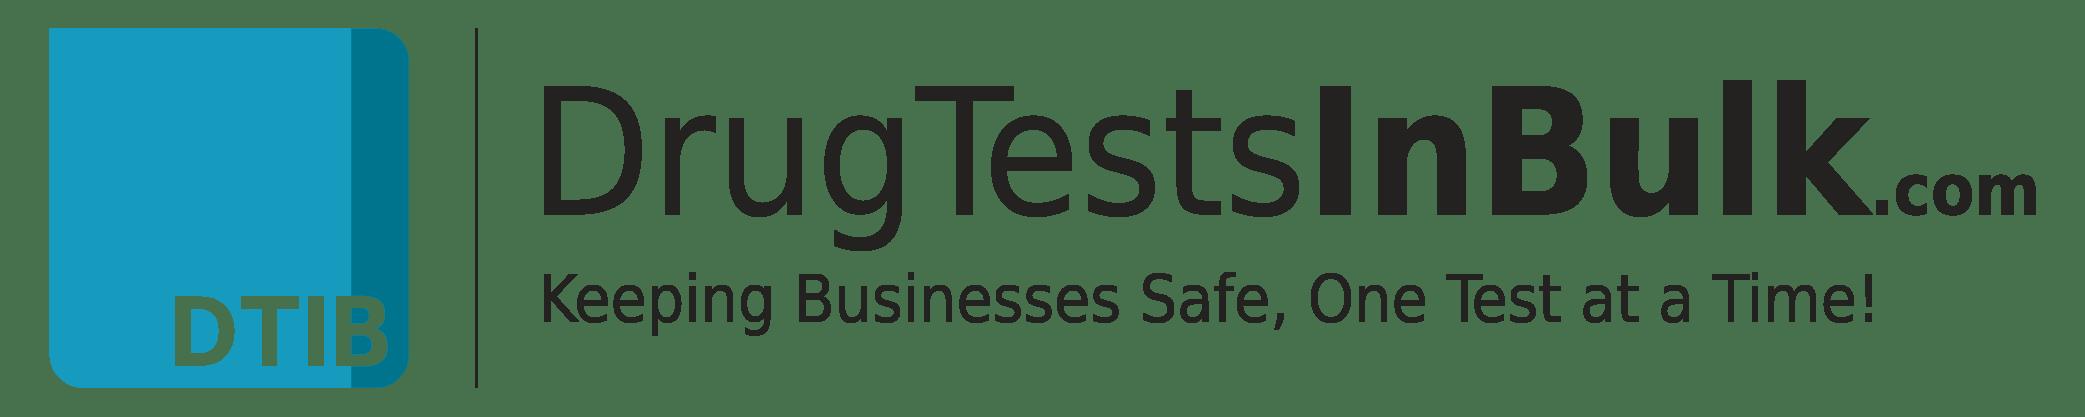 drug tests in bulk logo